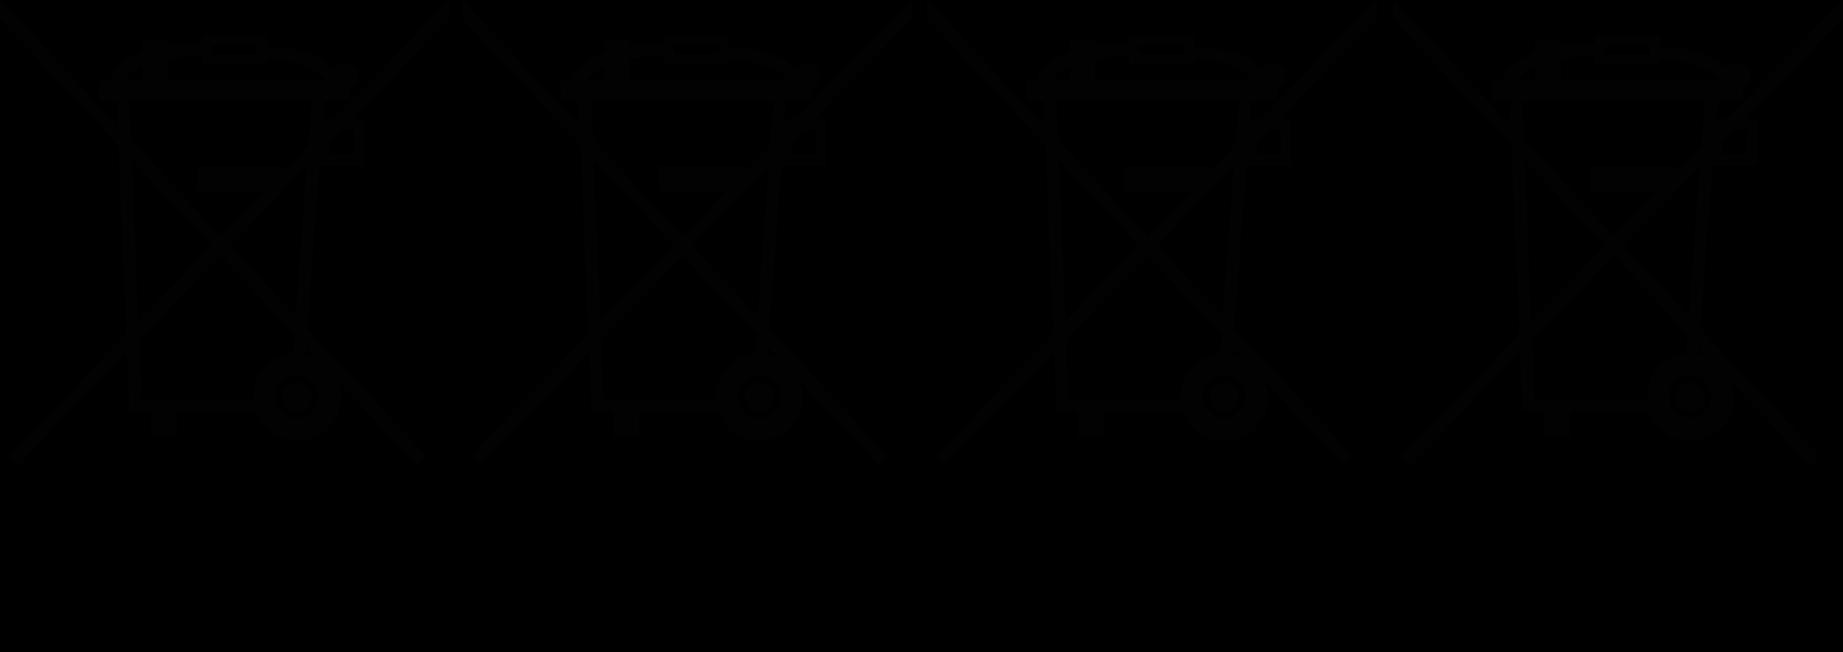 batteriegesetz-transparentO31Q1CPxqclnL